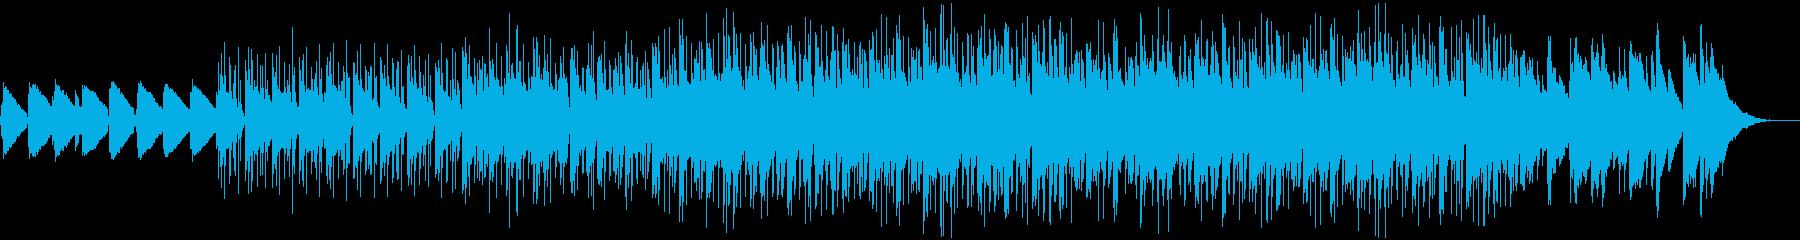 メロウな雰囲気のローファイヒップホップの再生済みの波形